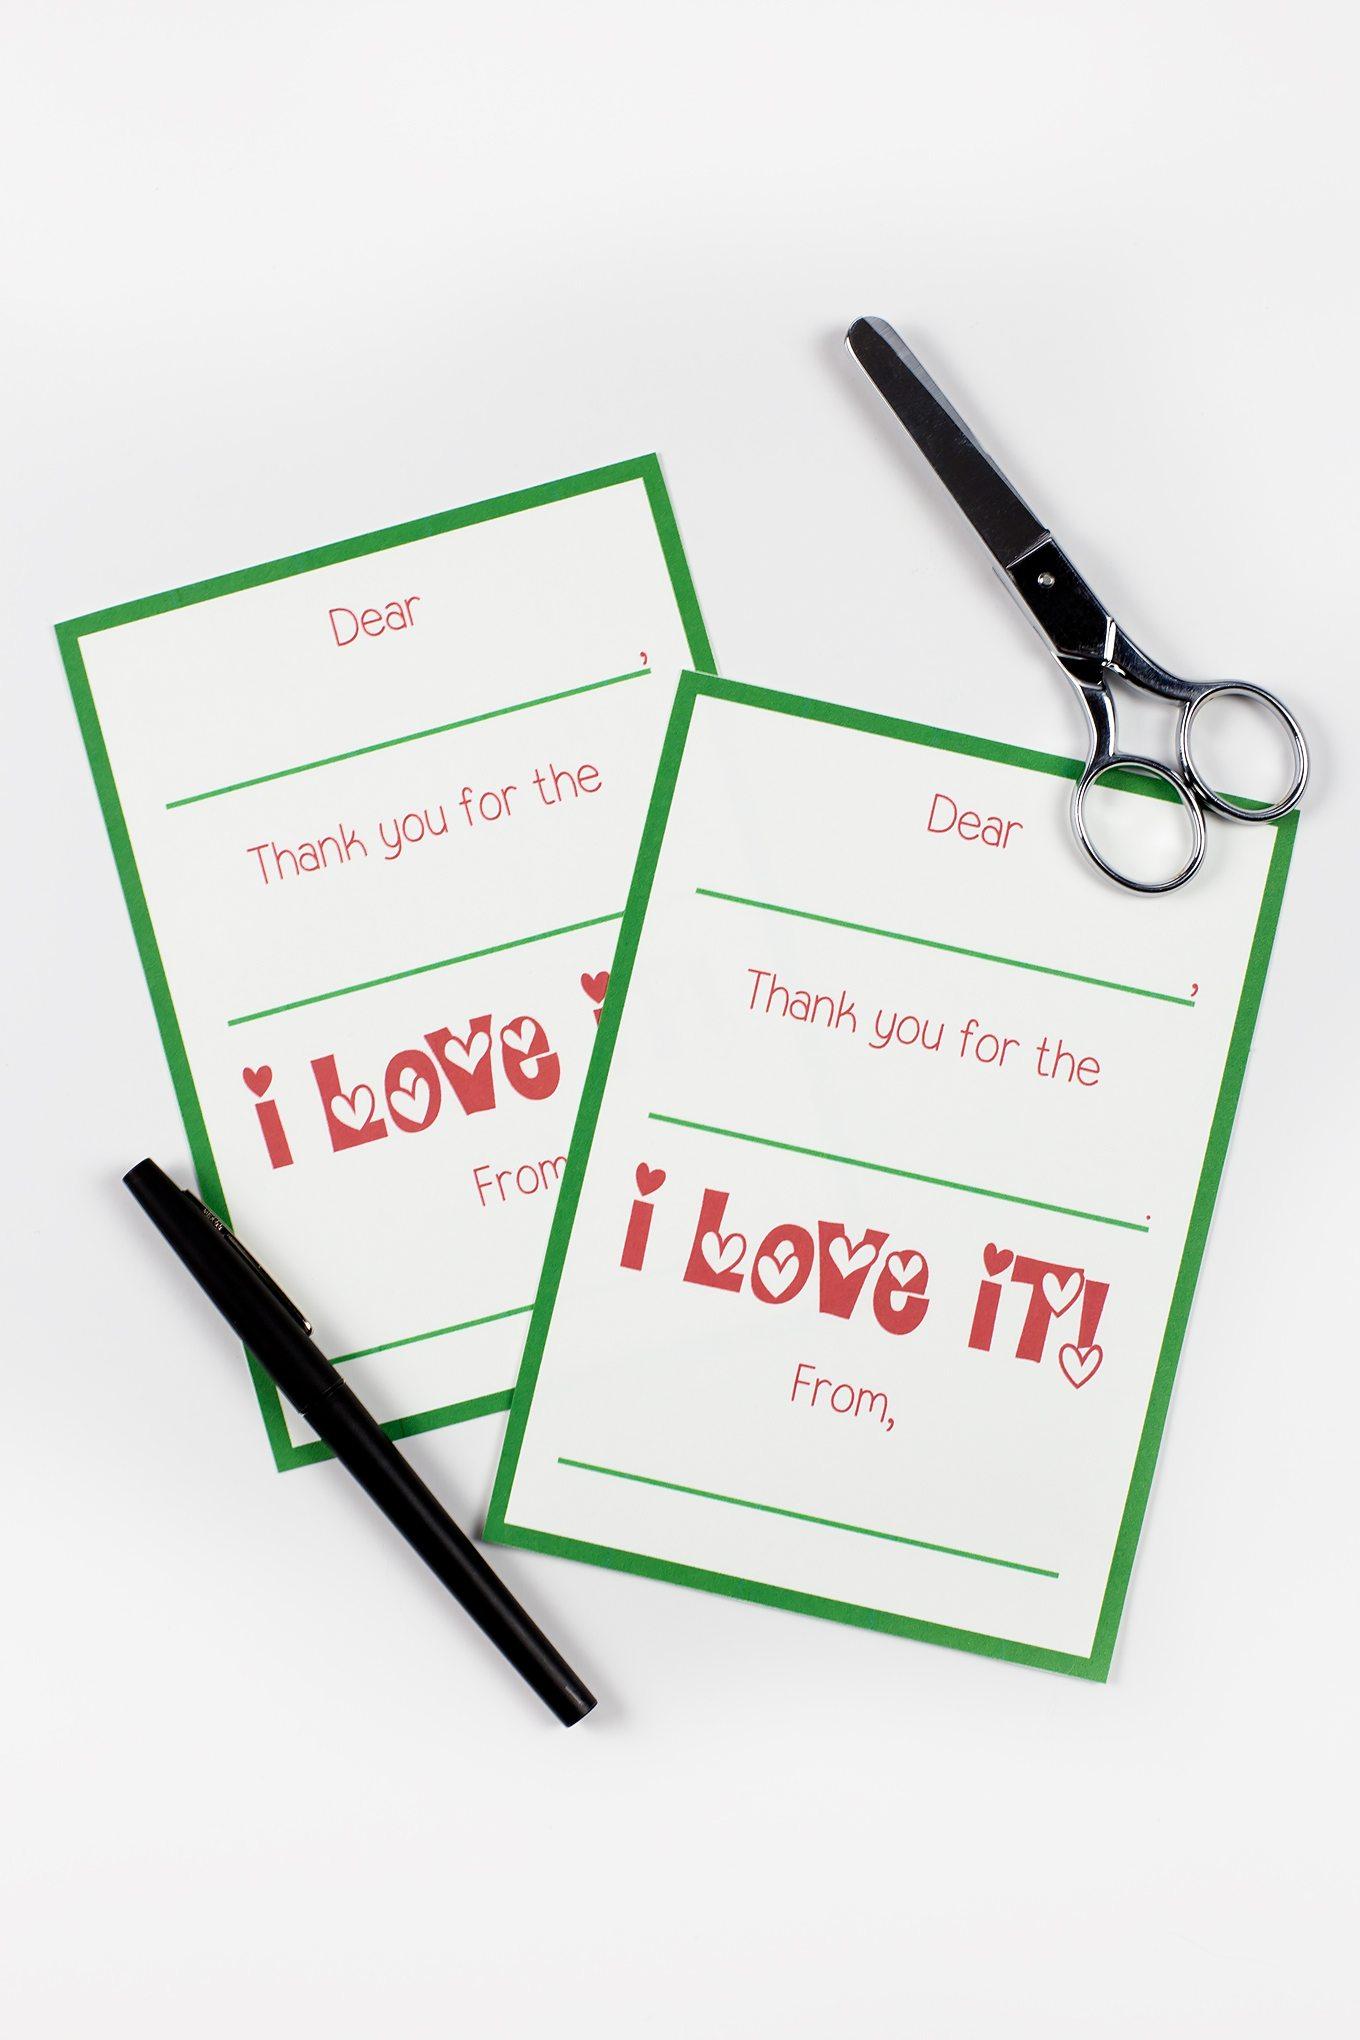 Printable Christmas Thank You Cards - Free Christmas Thank You Notes Printable